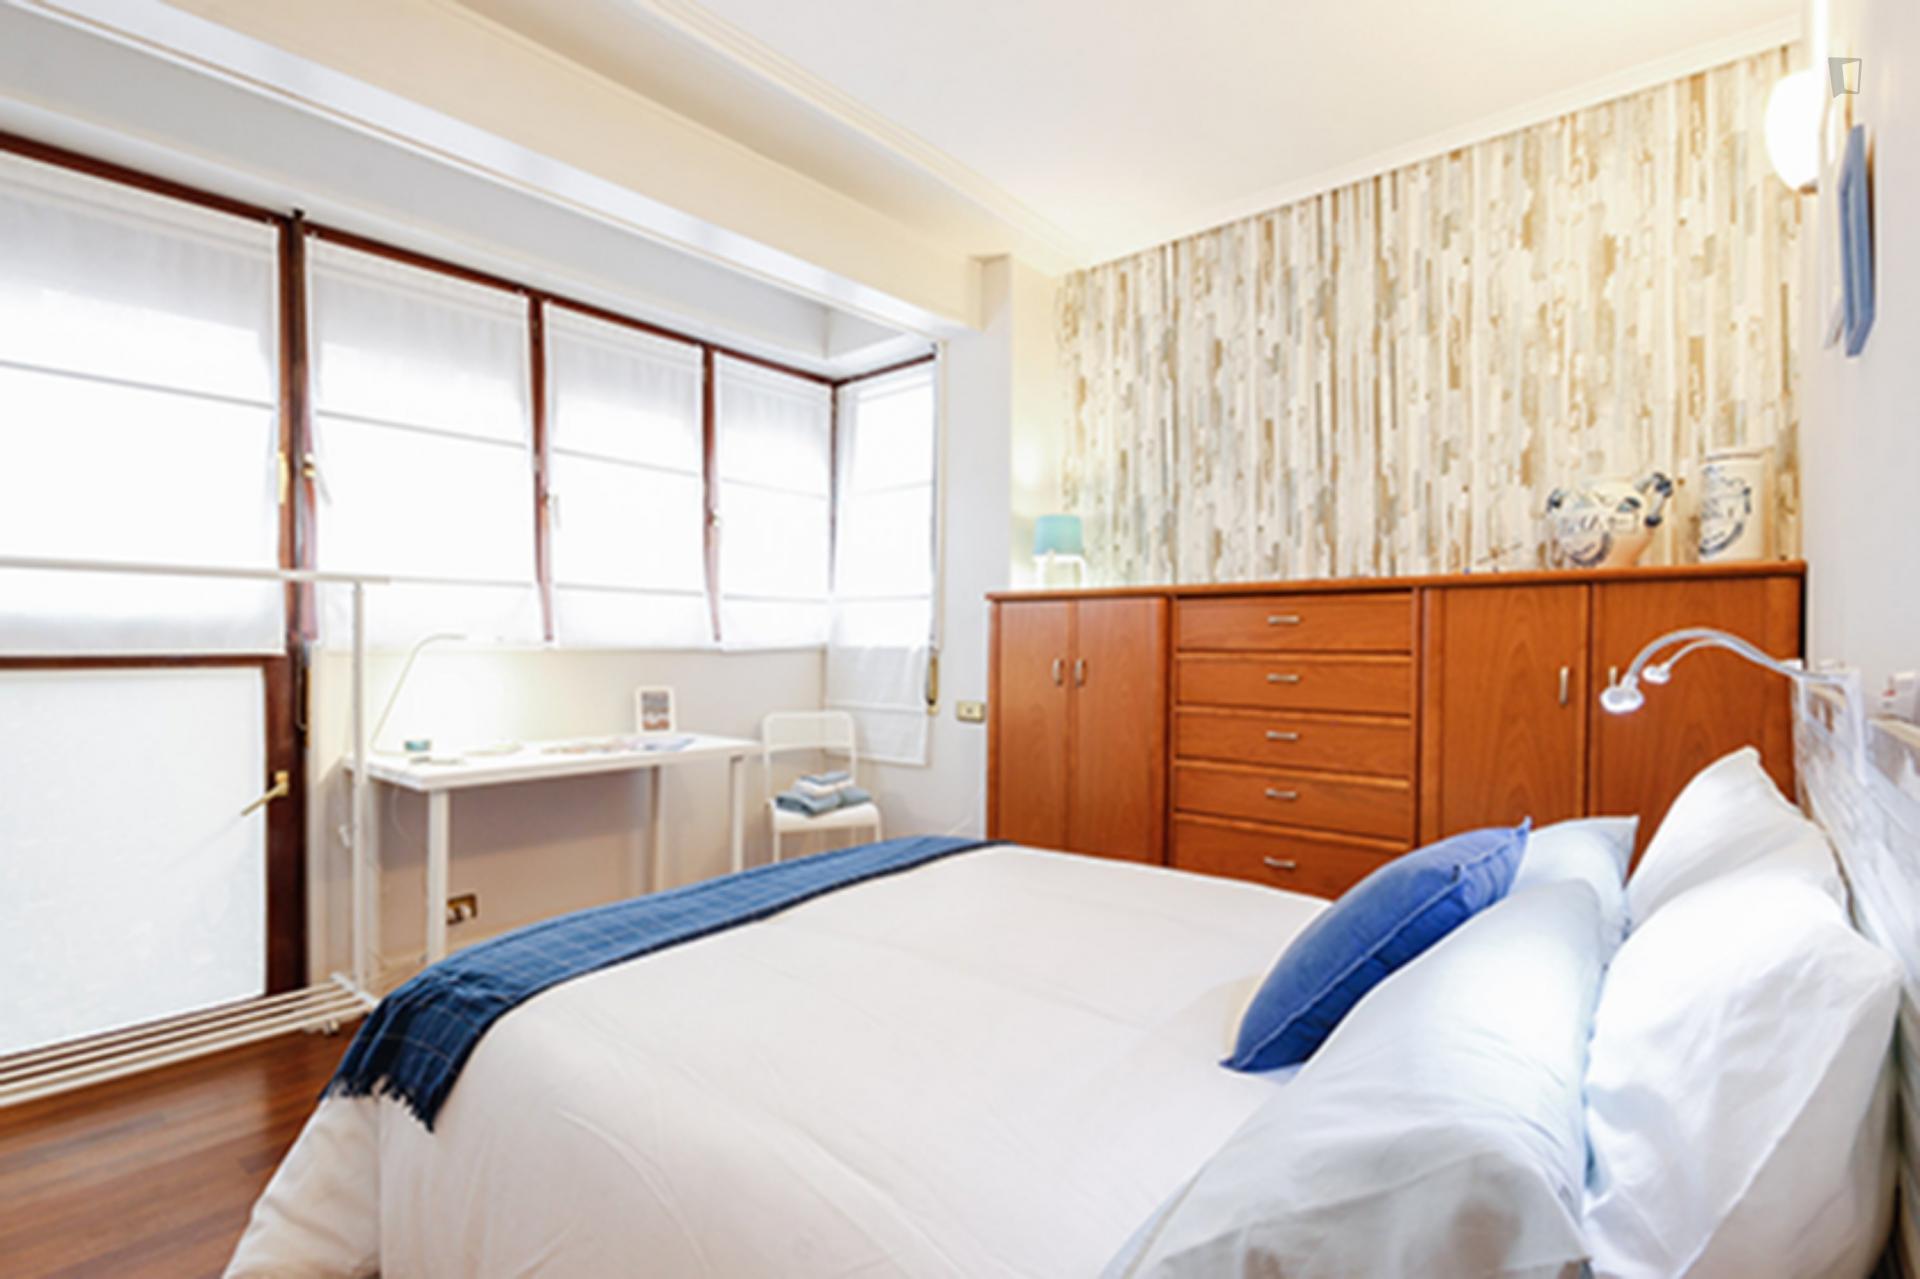 Kalea 18- Habitación en un moderno apartamento Bilbao